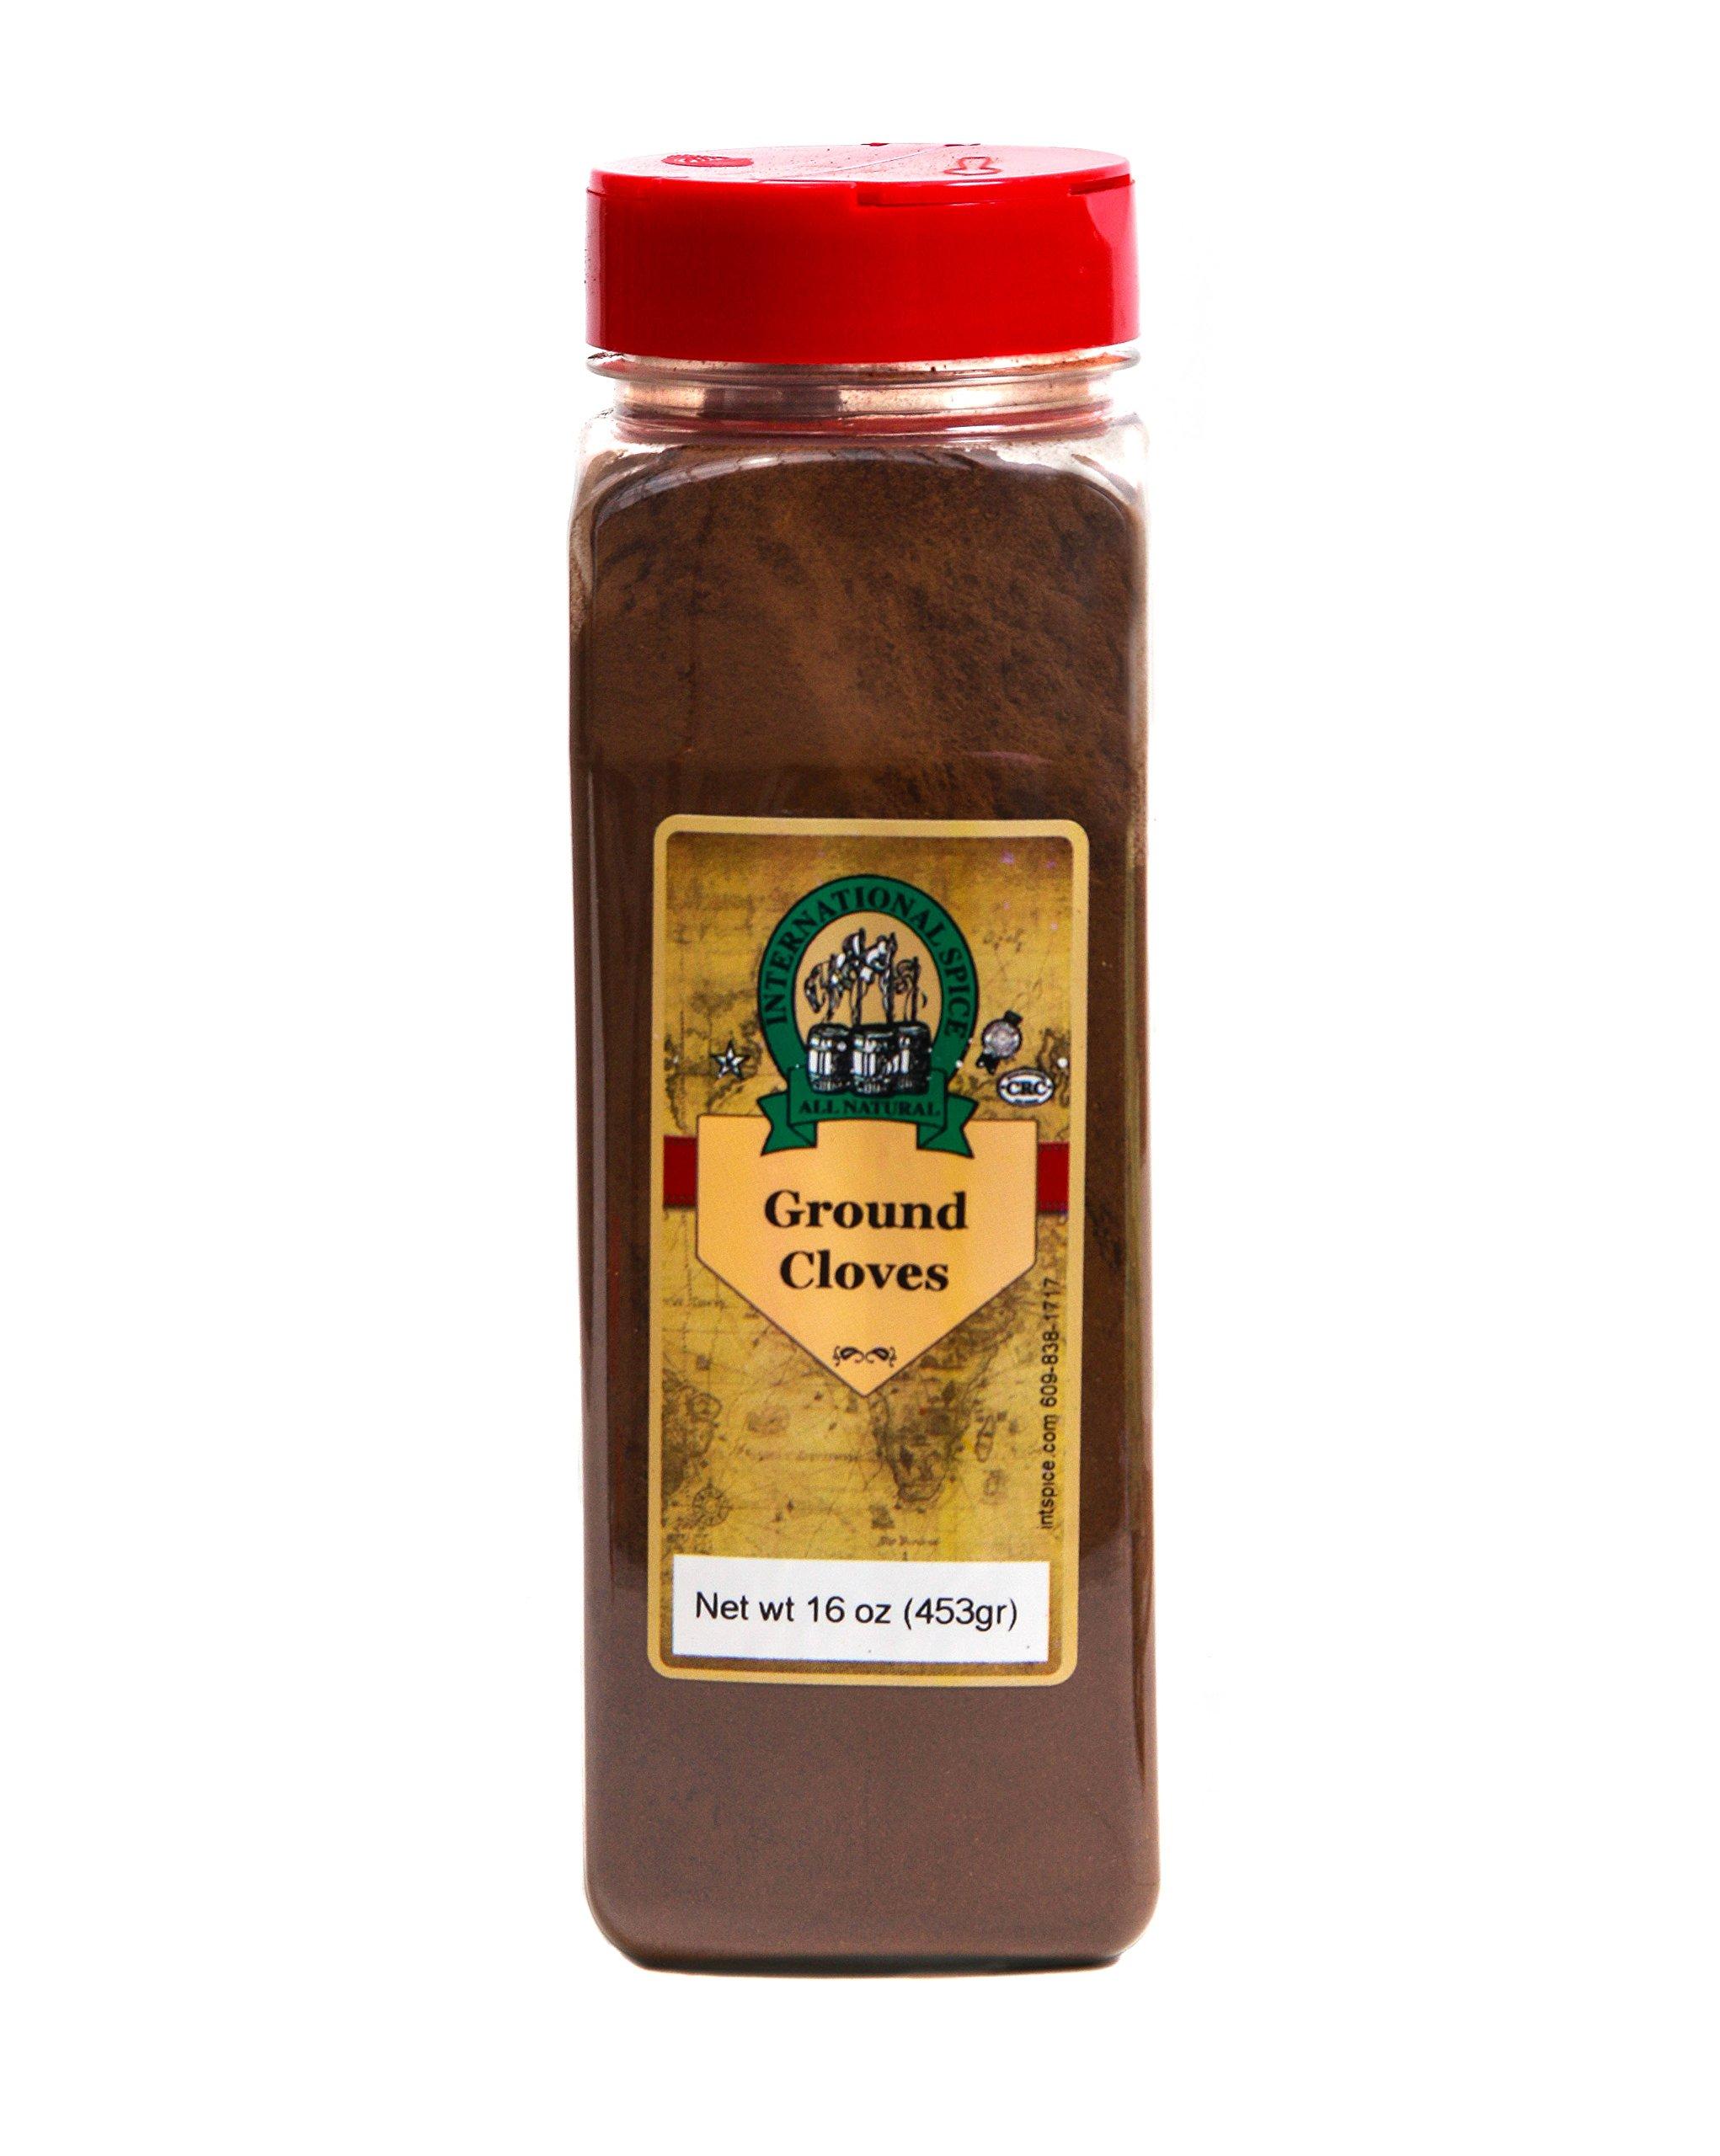 International Spice Premium Gourmet Spices- CLOVES GROUND: 16 oz